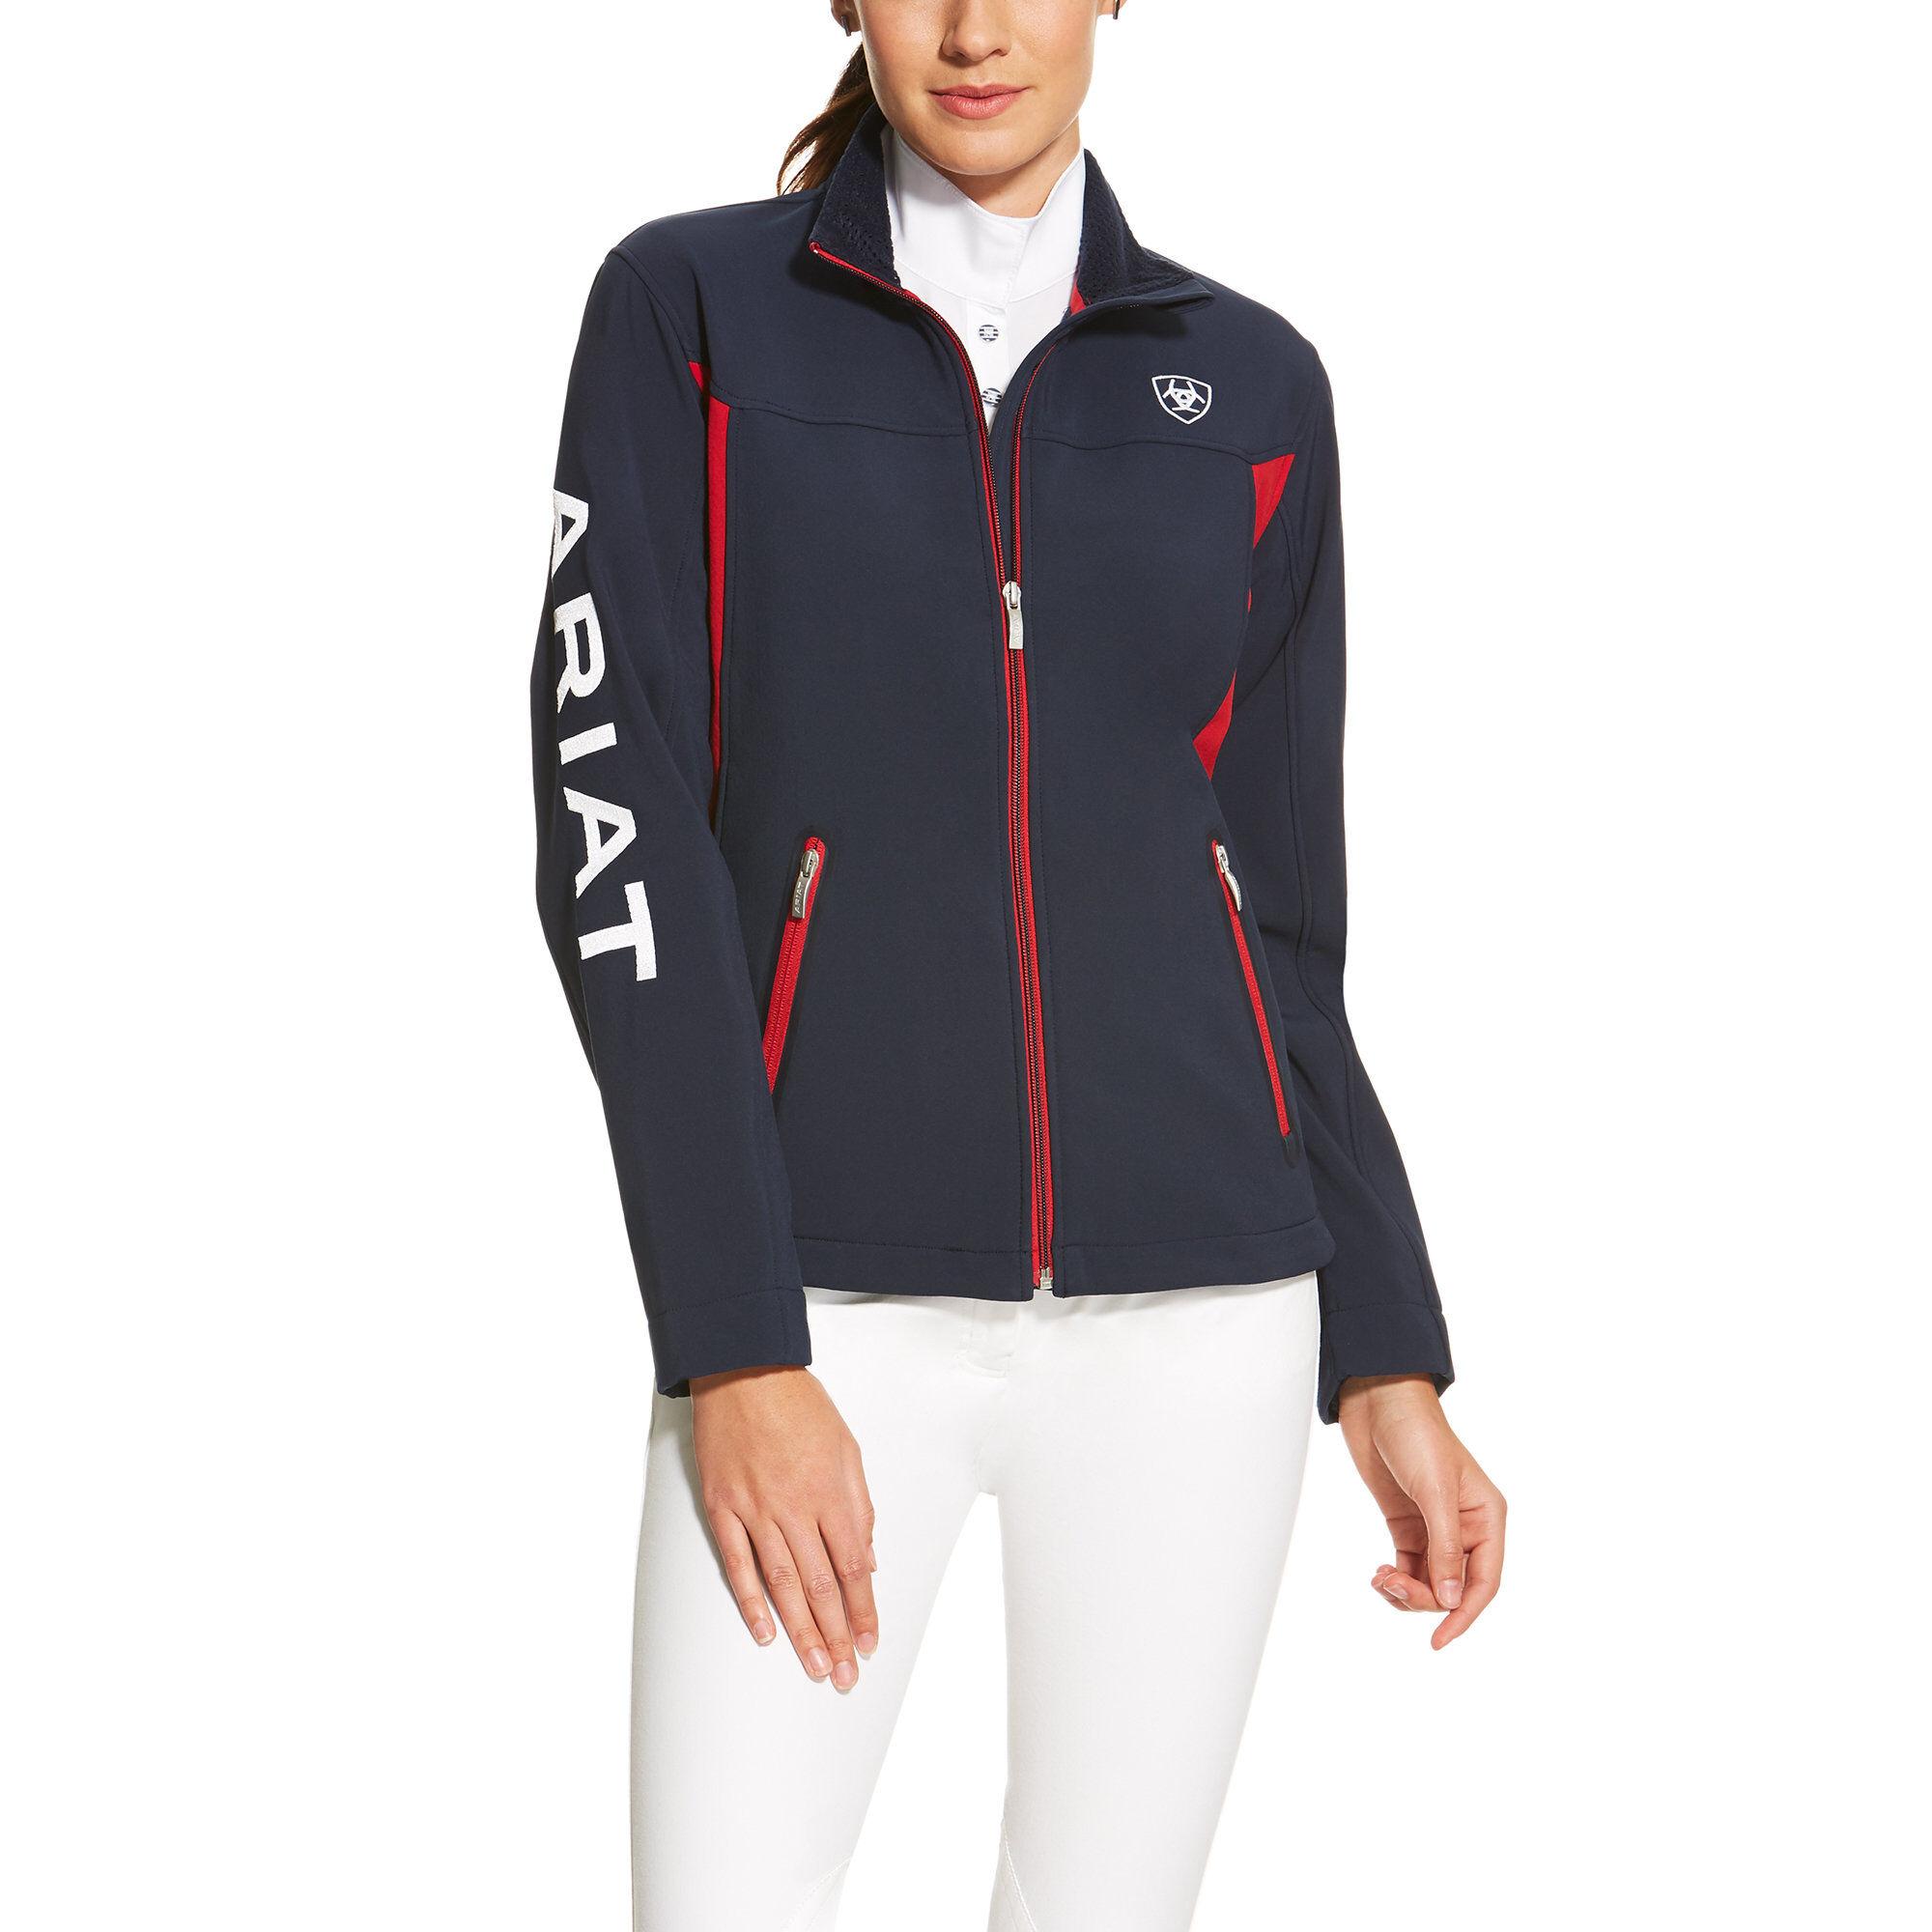 ea62e05e4 New Team Softshell Jacket